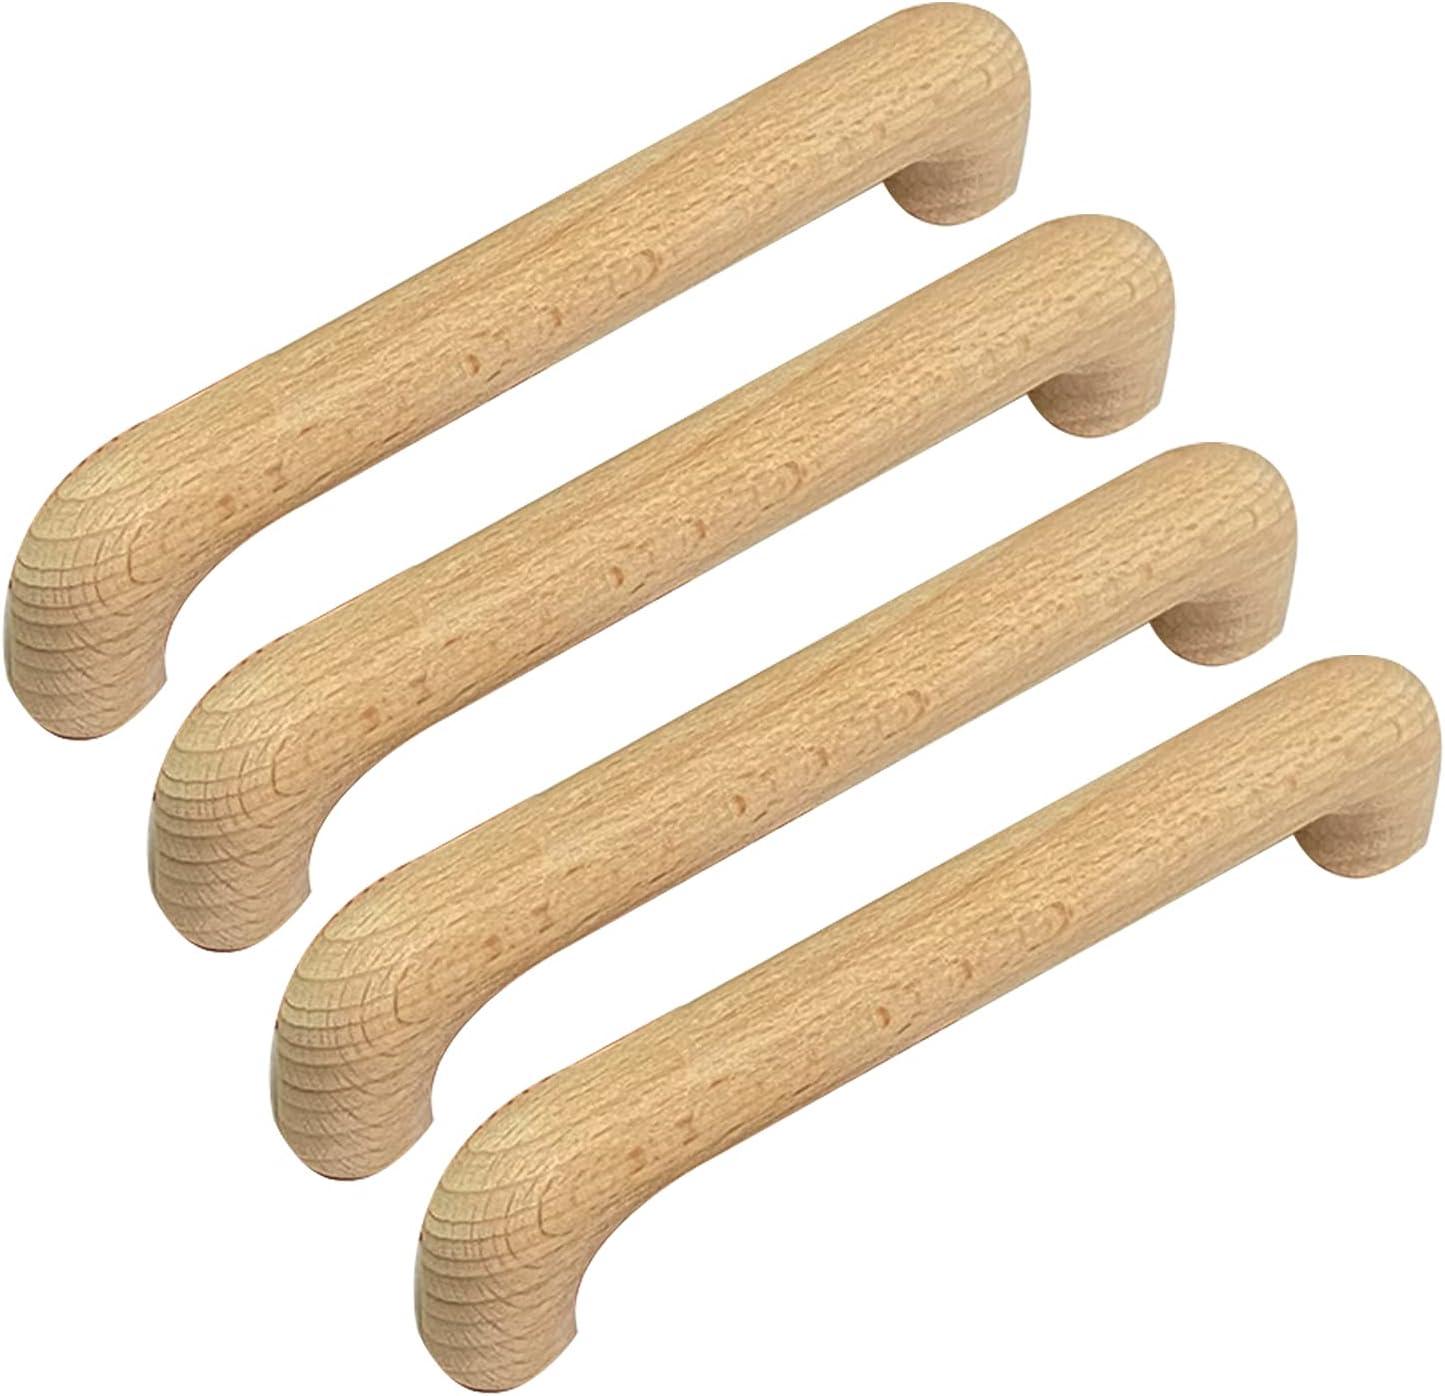 4 Piezas Manijas Arco en Forma de Mango iradores de arco de Madera maciza Haya Perilla Pomos para armario,cajón Asas de gabinete picaportes para Zapatero (Hole distance 128mm)